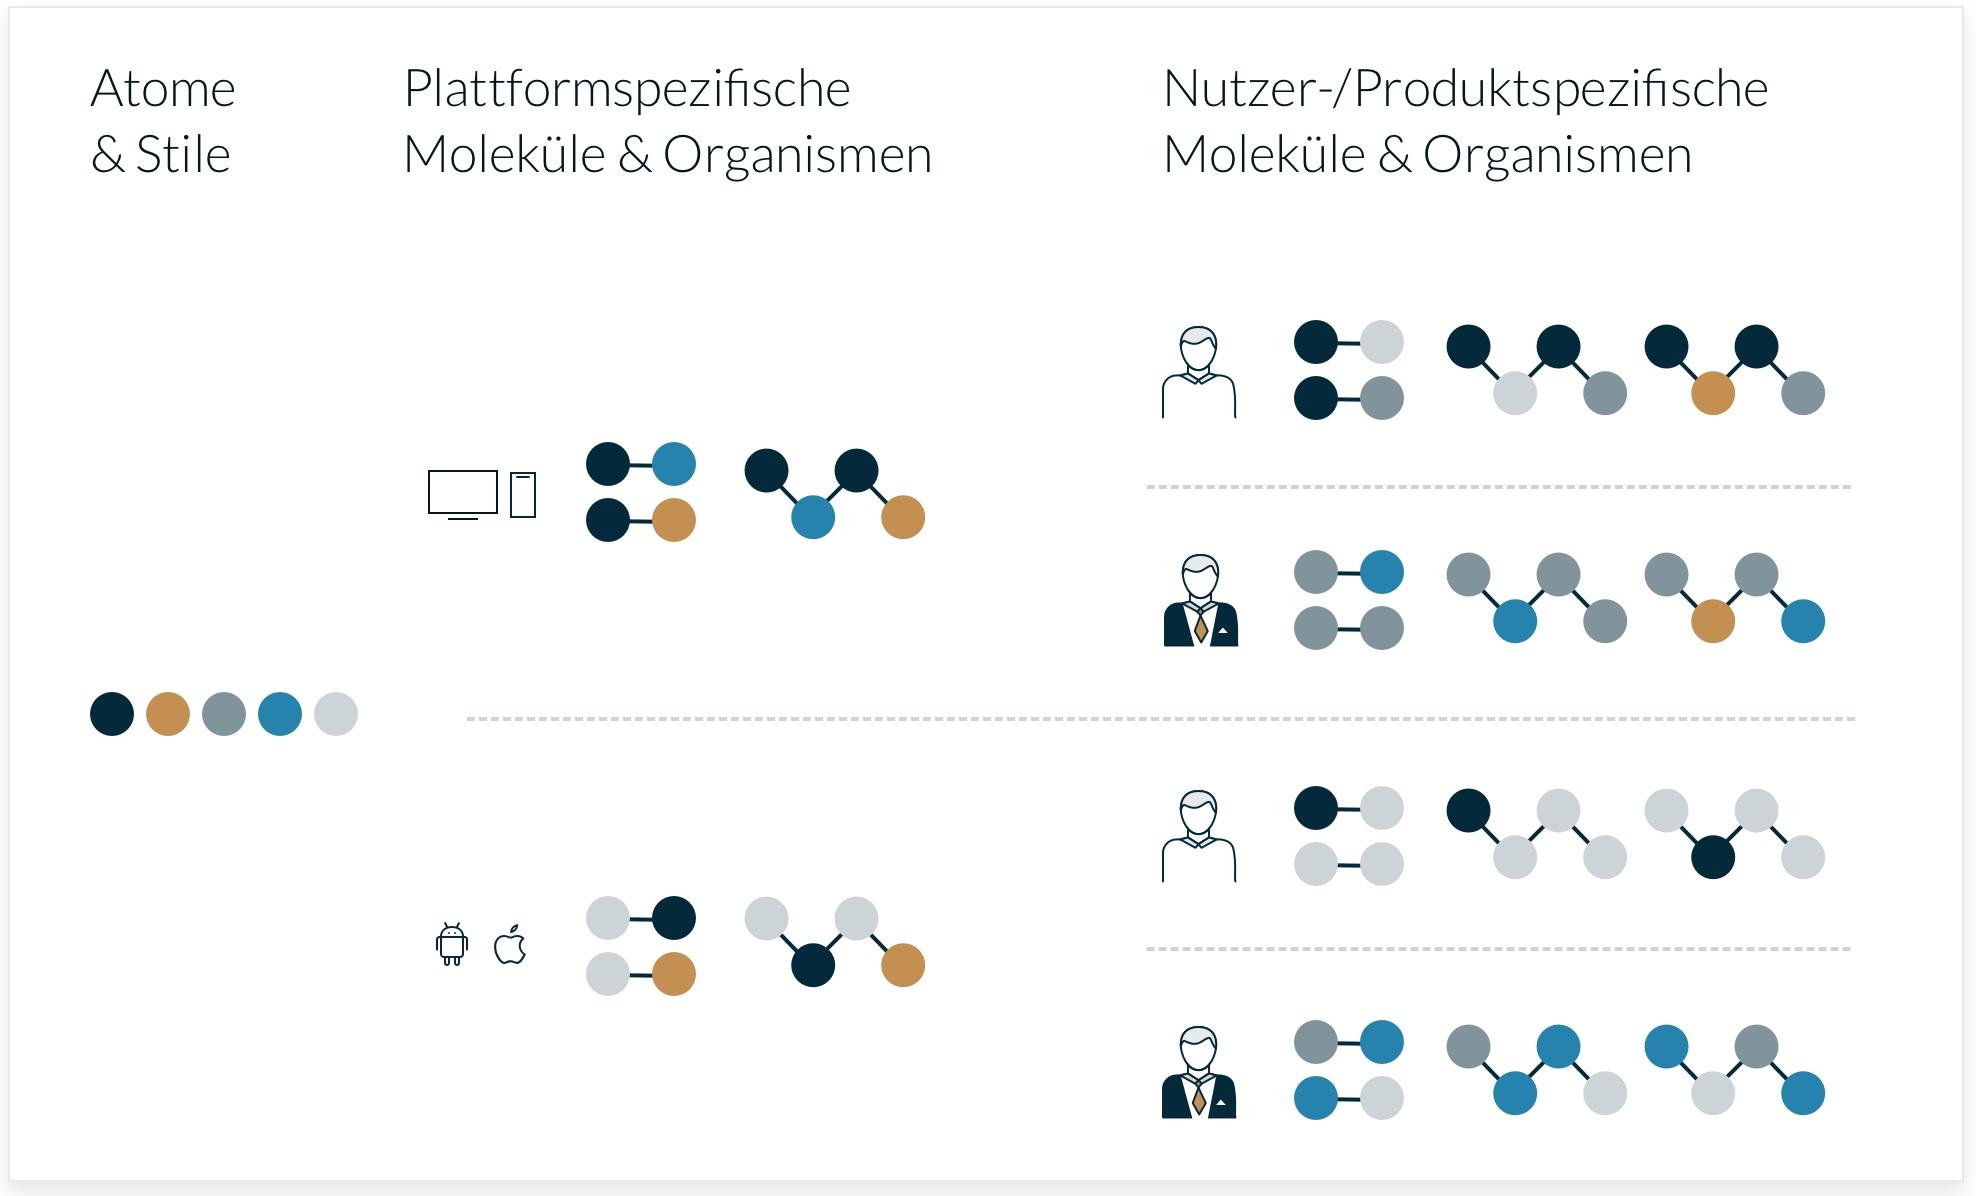 Die Atome & Stile sind bei allen gleich (1.Ebene), bei den Molekülen und Organismen gibt es im Web bzw. innerhalb der Apps Überschneidungen (2.Ebene), sowie nutzer- bzw. produktspezifische Symbole (3.Ebene).